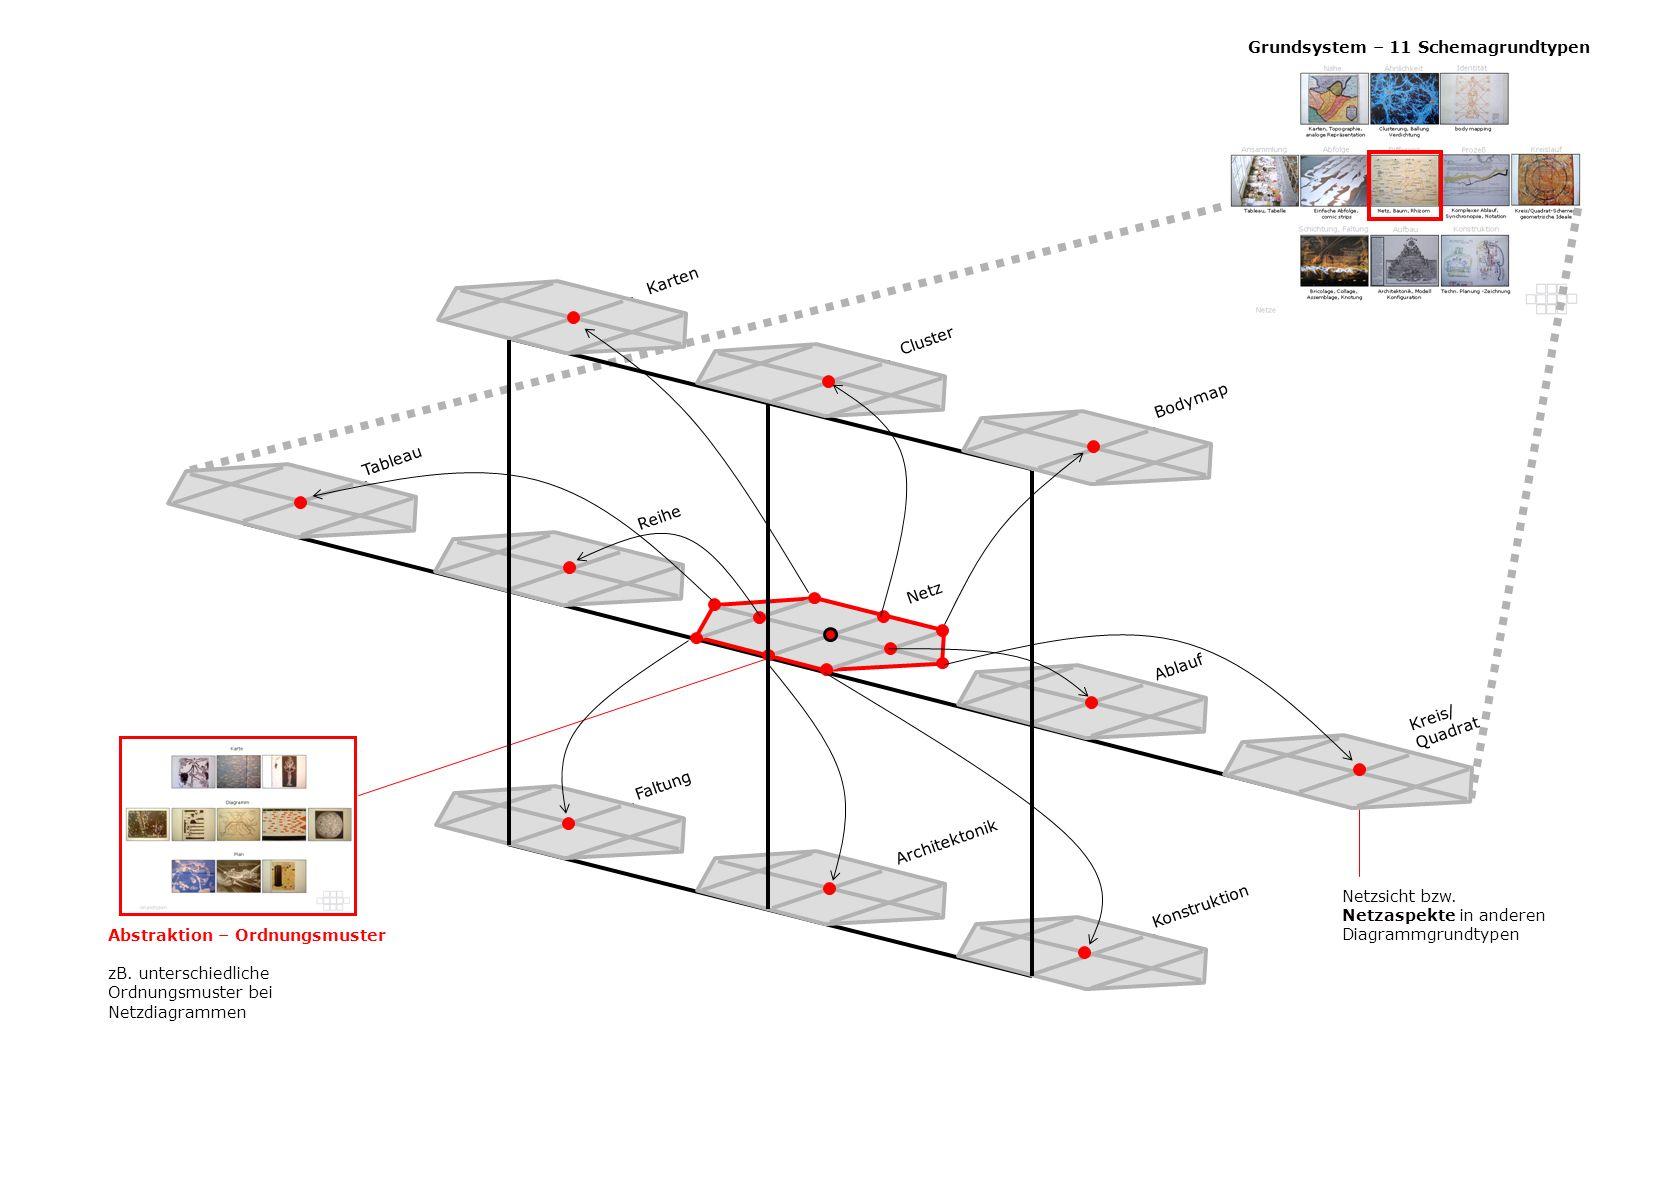 Abstraktion – Ordnungsmuster zB. unterschiedliche Ordnungsmuster bei Netzdiagrammen Grundsystem – 11 Schemagrundtypen Karten Tableau Reihe Netz Ablauf